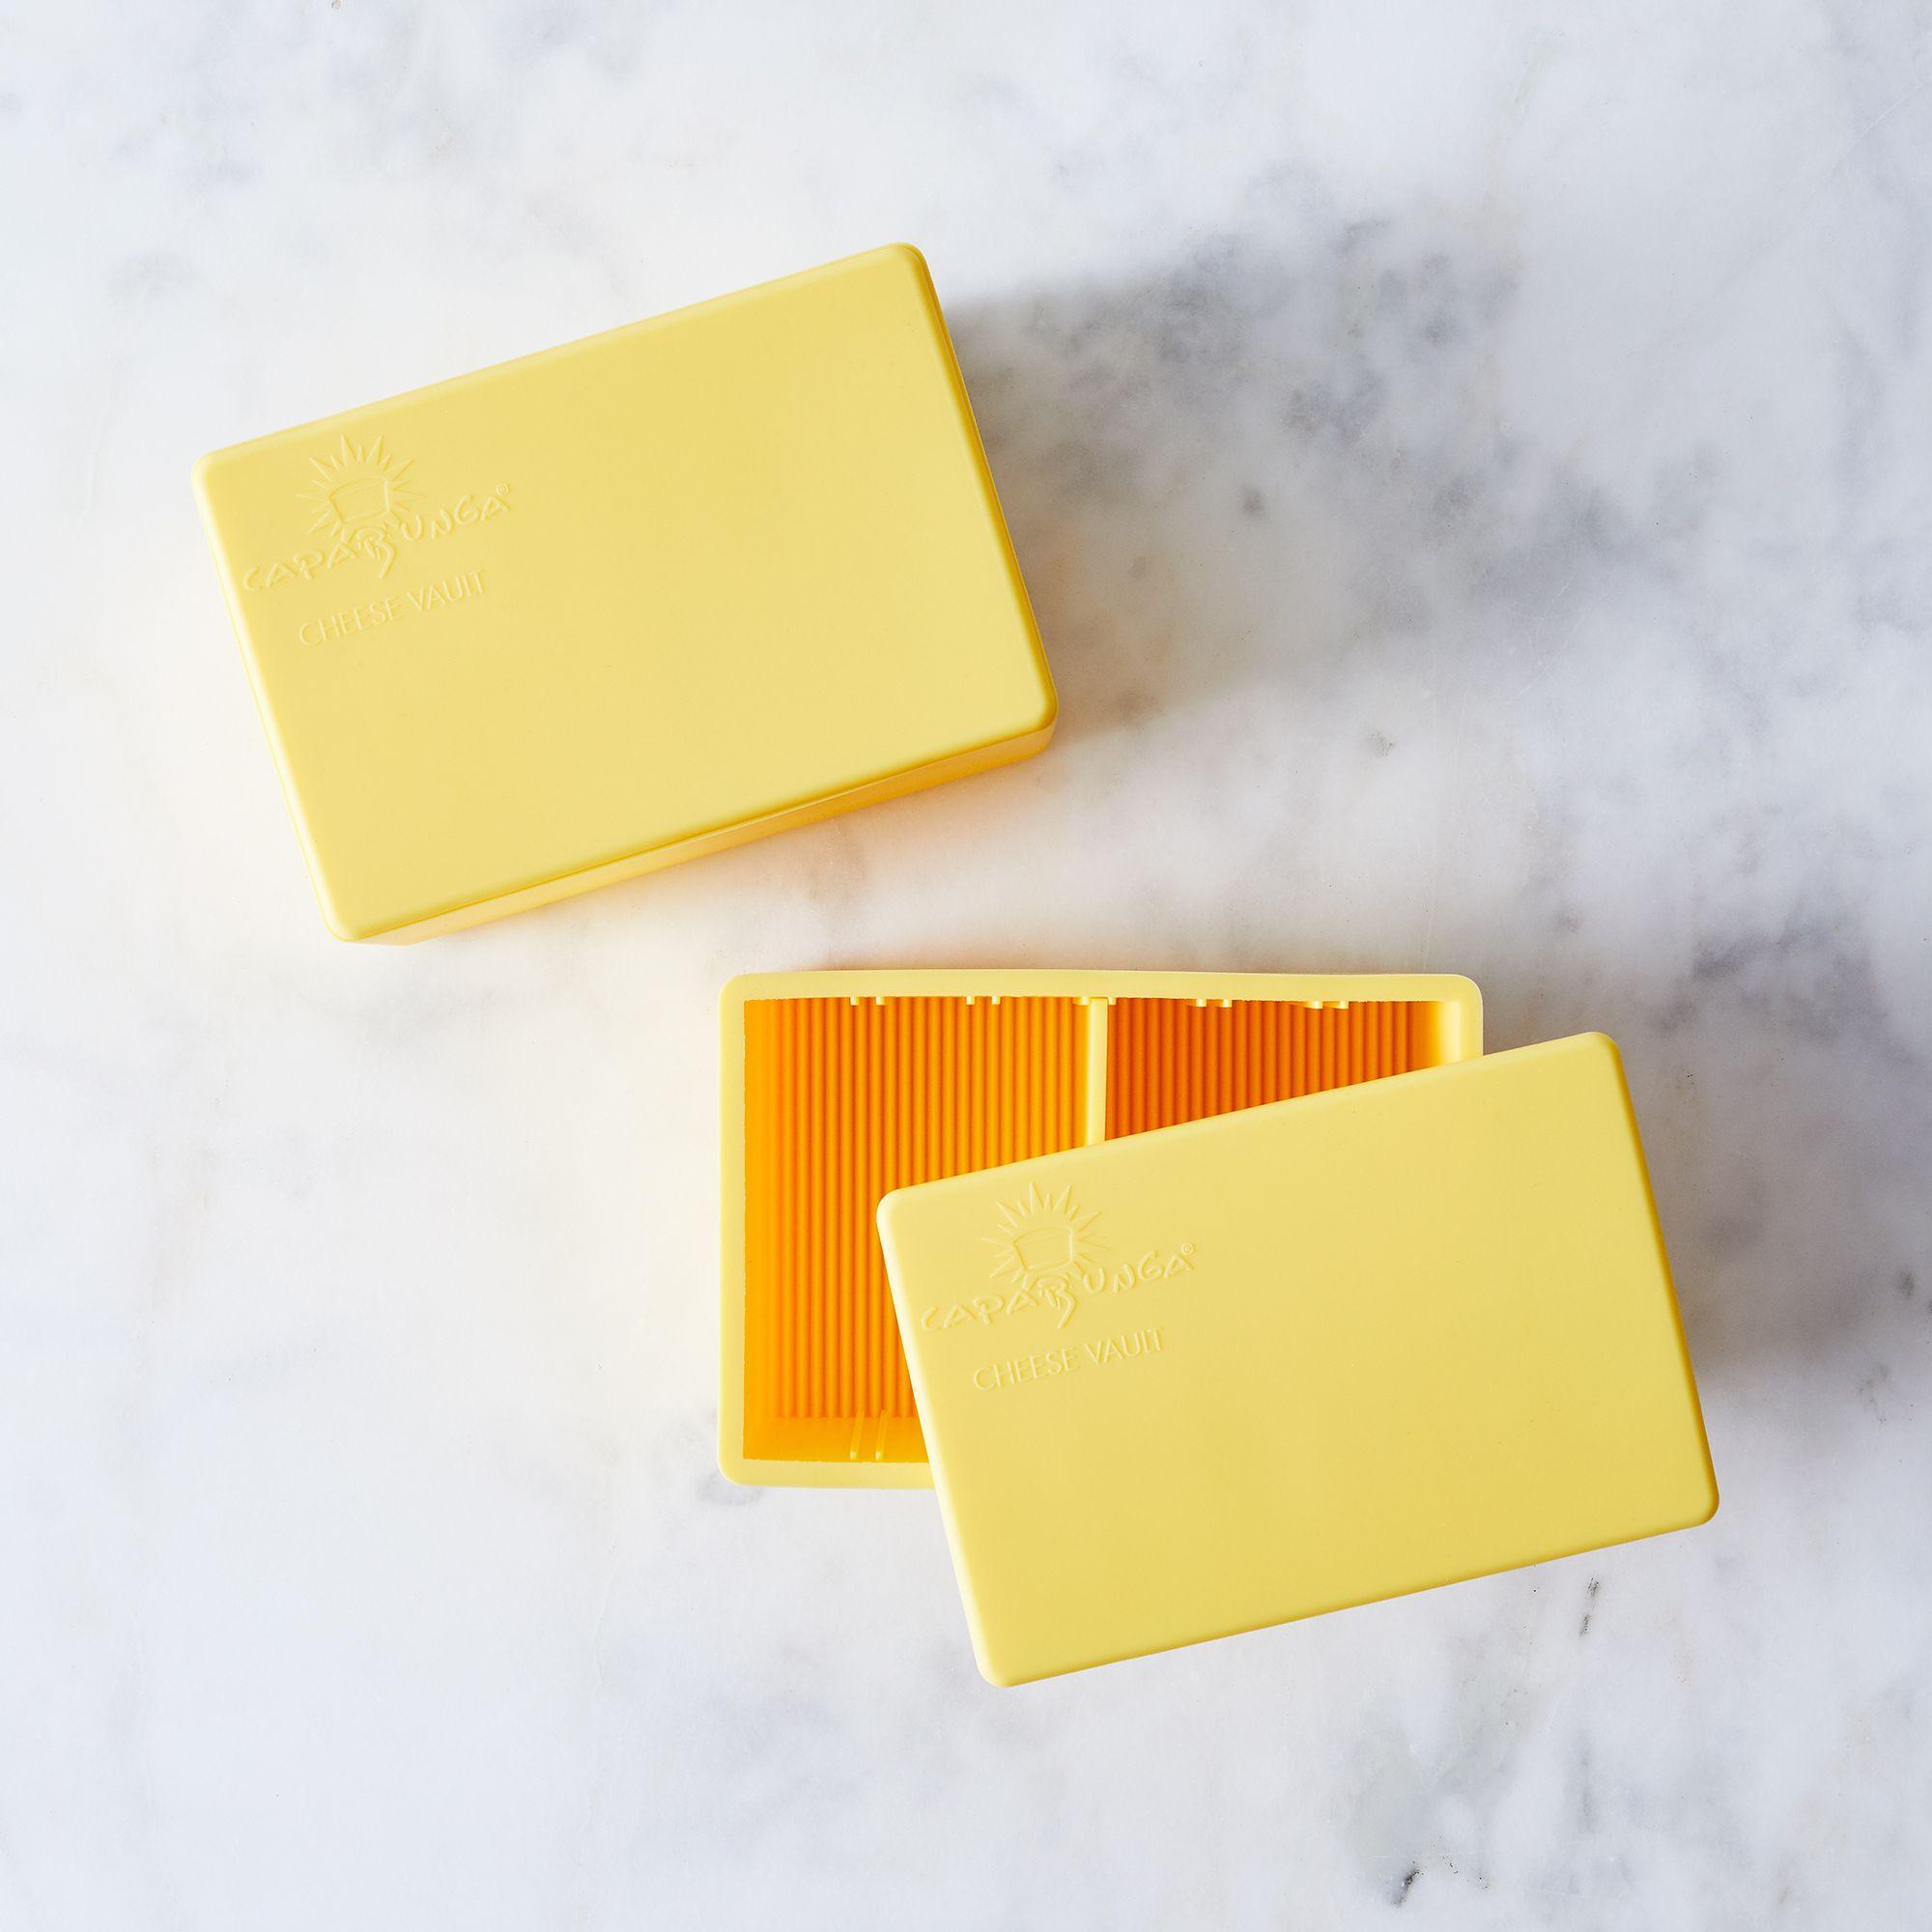 232b8e3c 24a9 4f15 8e2a 5b55571b508d  2017 1201 capabunga cheese vault butter silo rocky luten 002